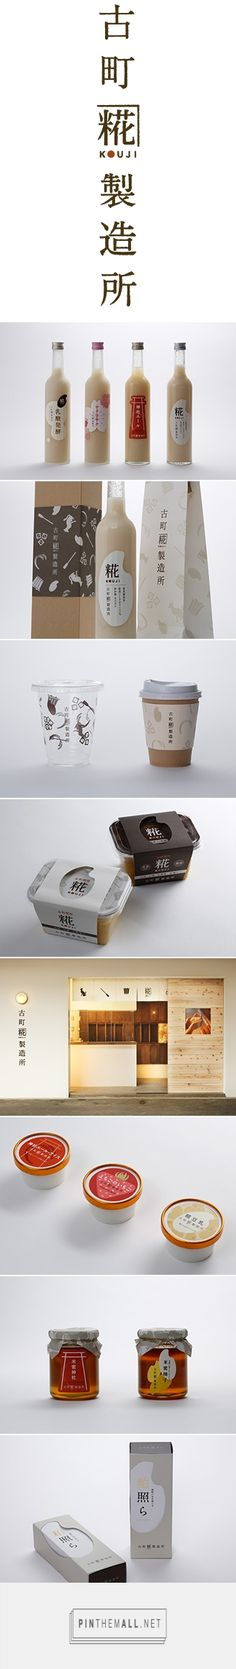 Furumachi-Kouji via AWATSUJI design curated by Packaging Diva PD. Such pretty packaging.                                                                                                                                                                                 もっと見る